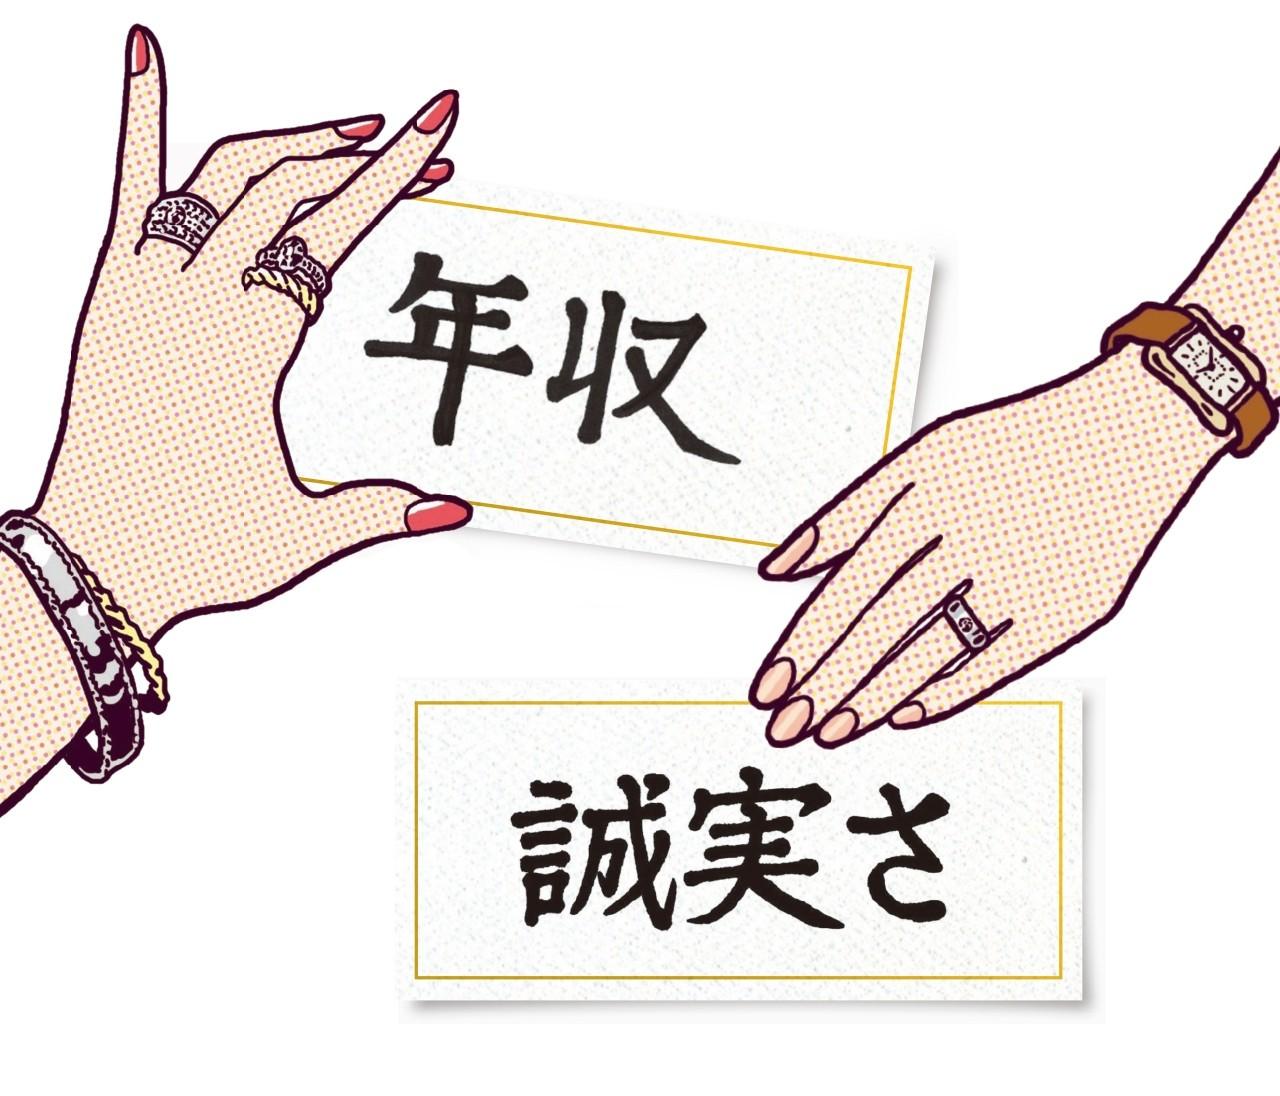 本当に幸せな結婚をするために。既婚者に聞いた【結婚の条件9つのカード】